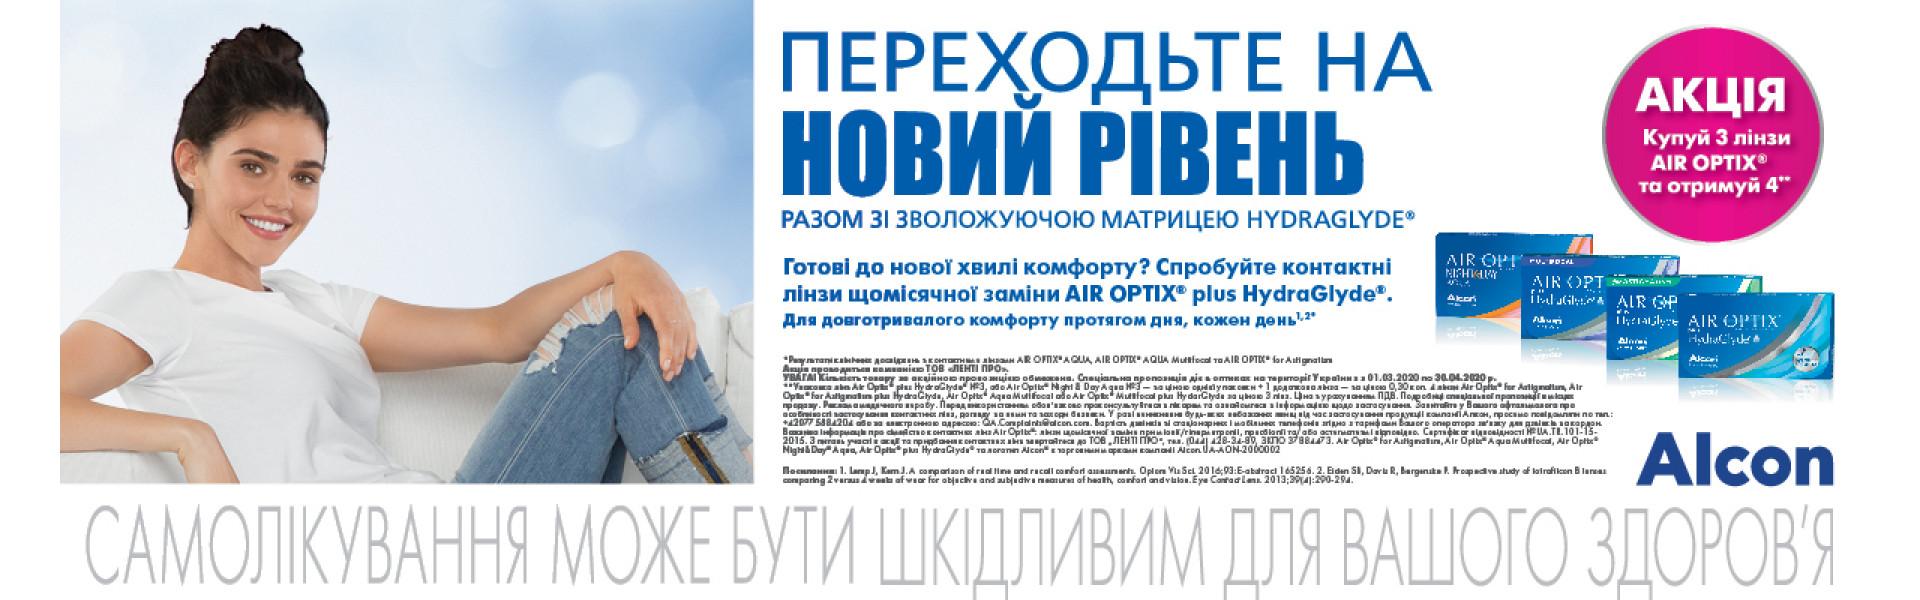 Air Optix plus HydraGlyde акция 3+1 линза в подарок